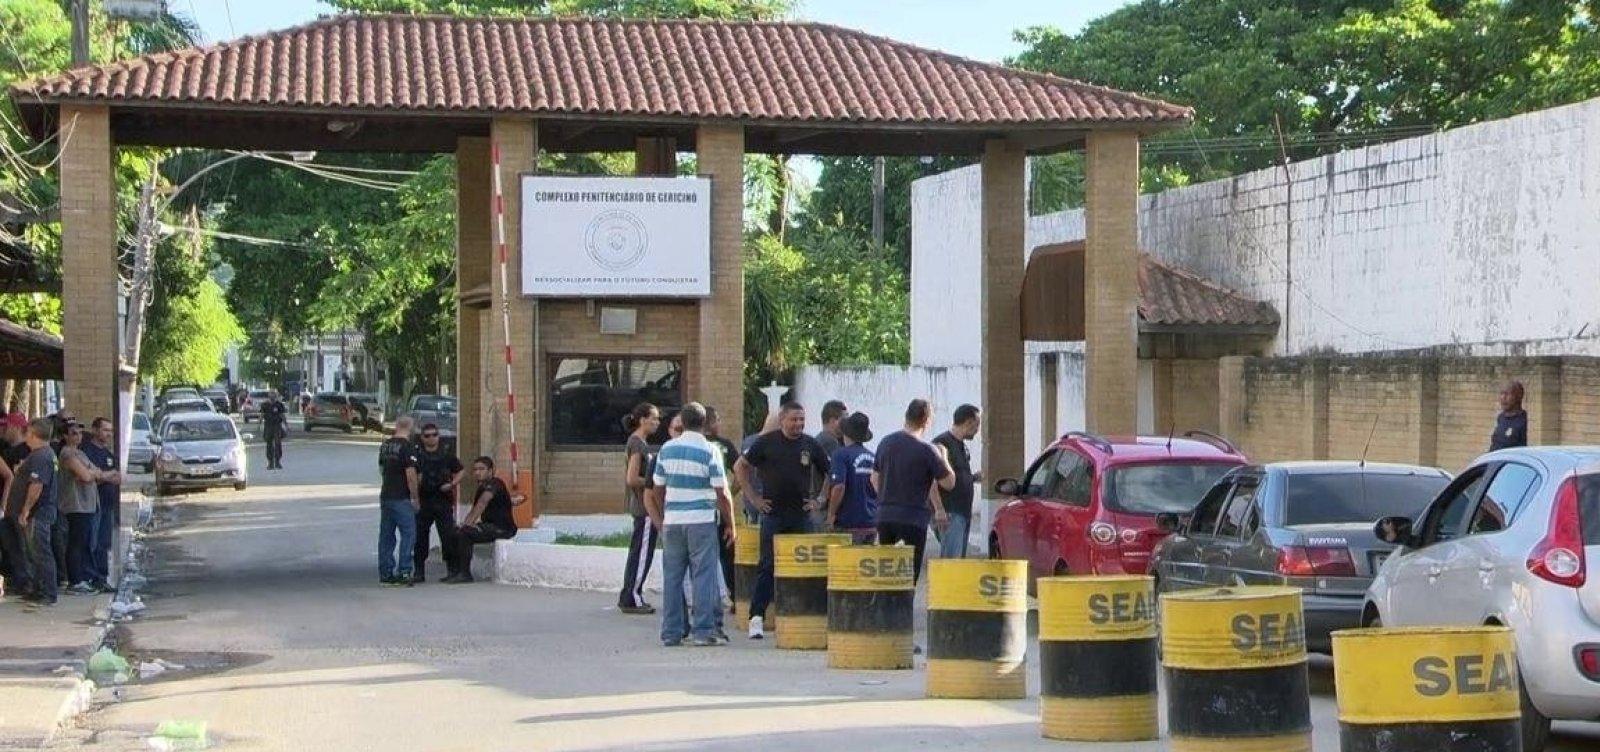 [Polícia Civil e MP-RJ prendem 13 suspeitos de integrar milícias no Rio de Janeiro]